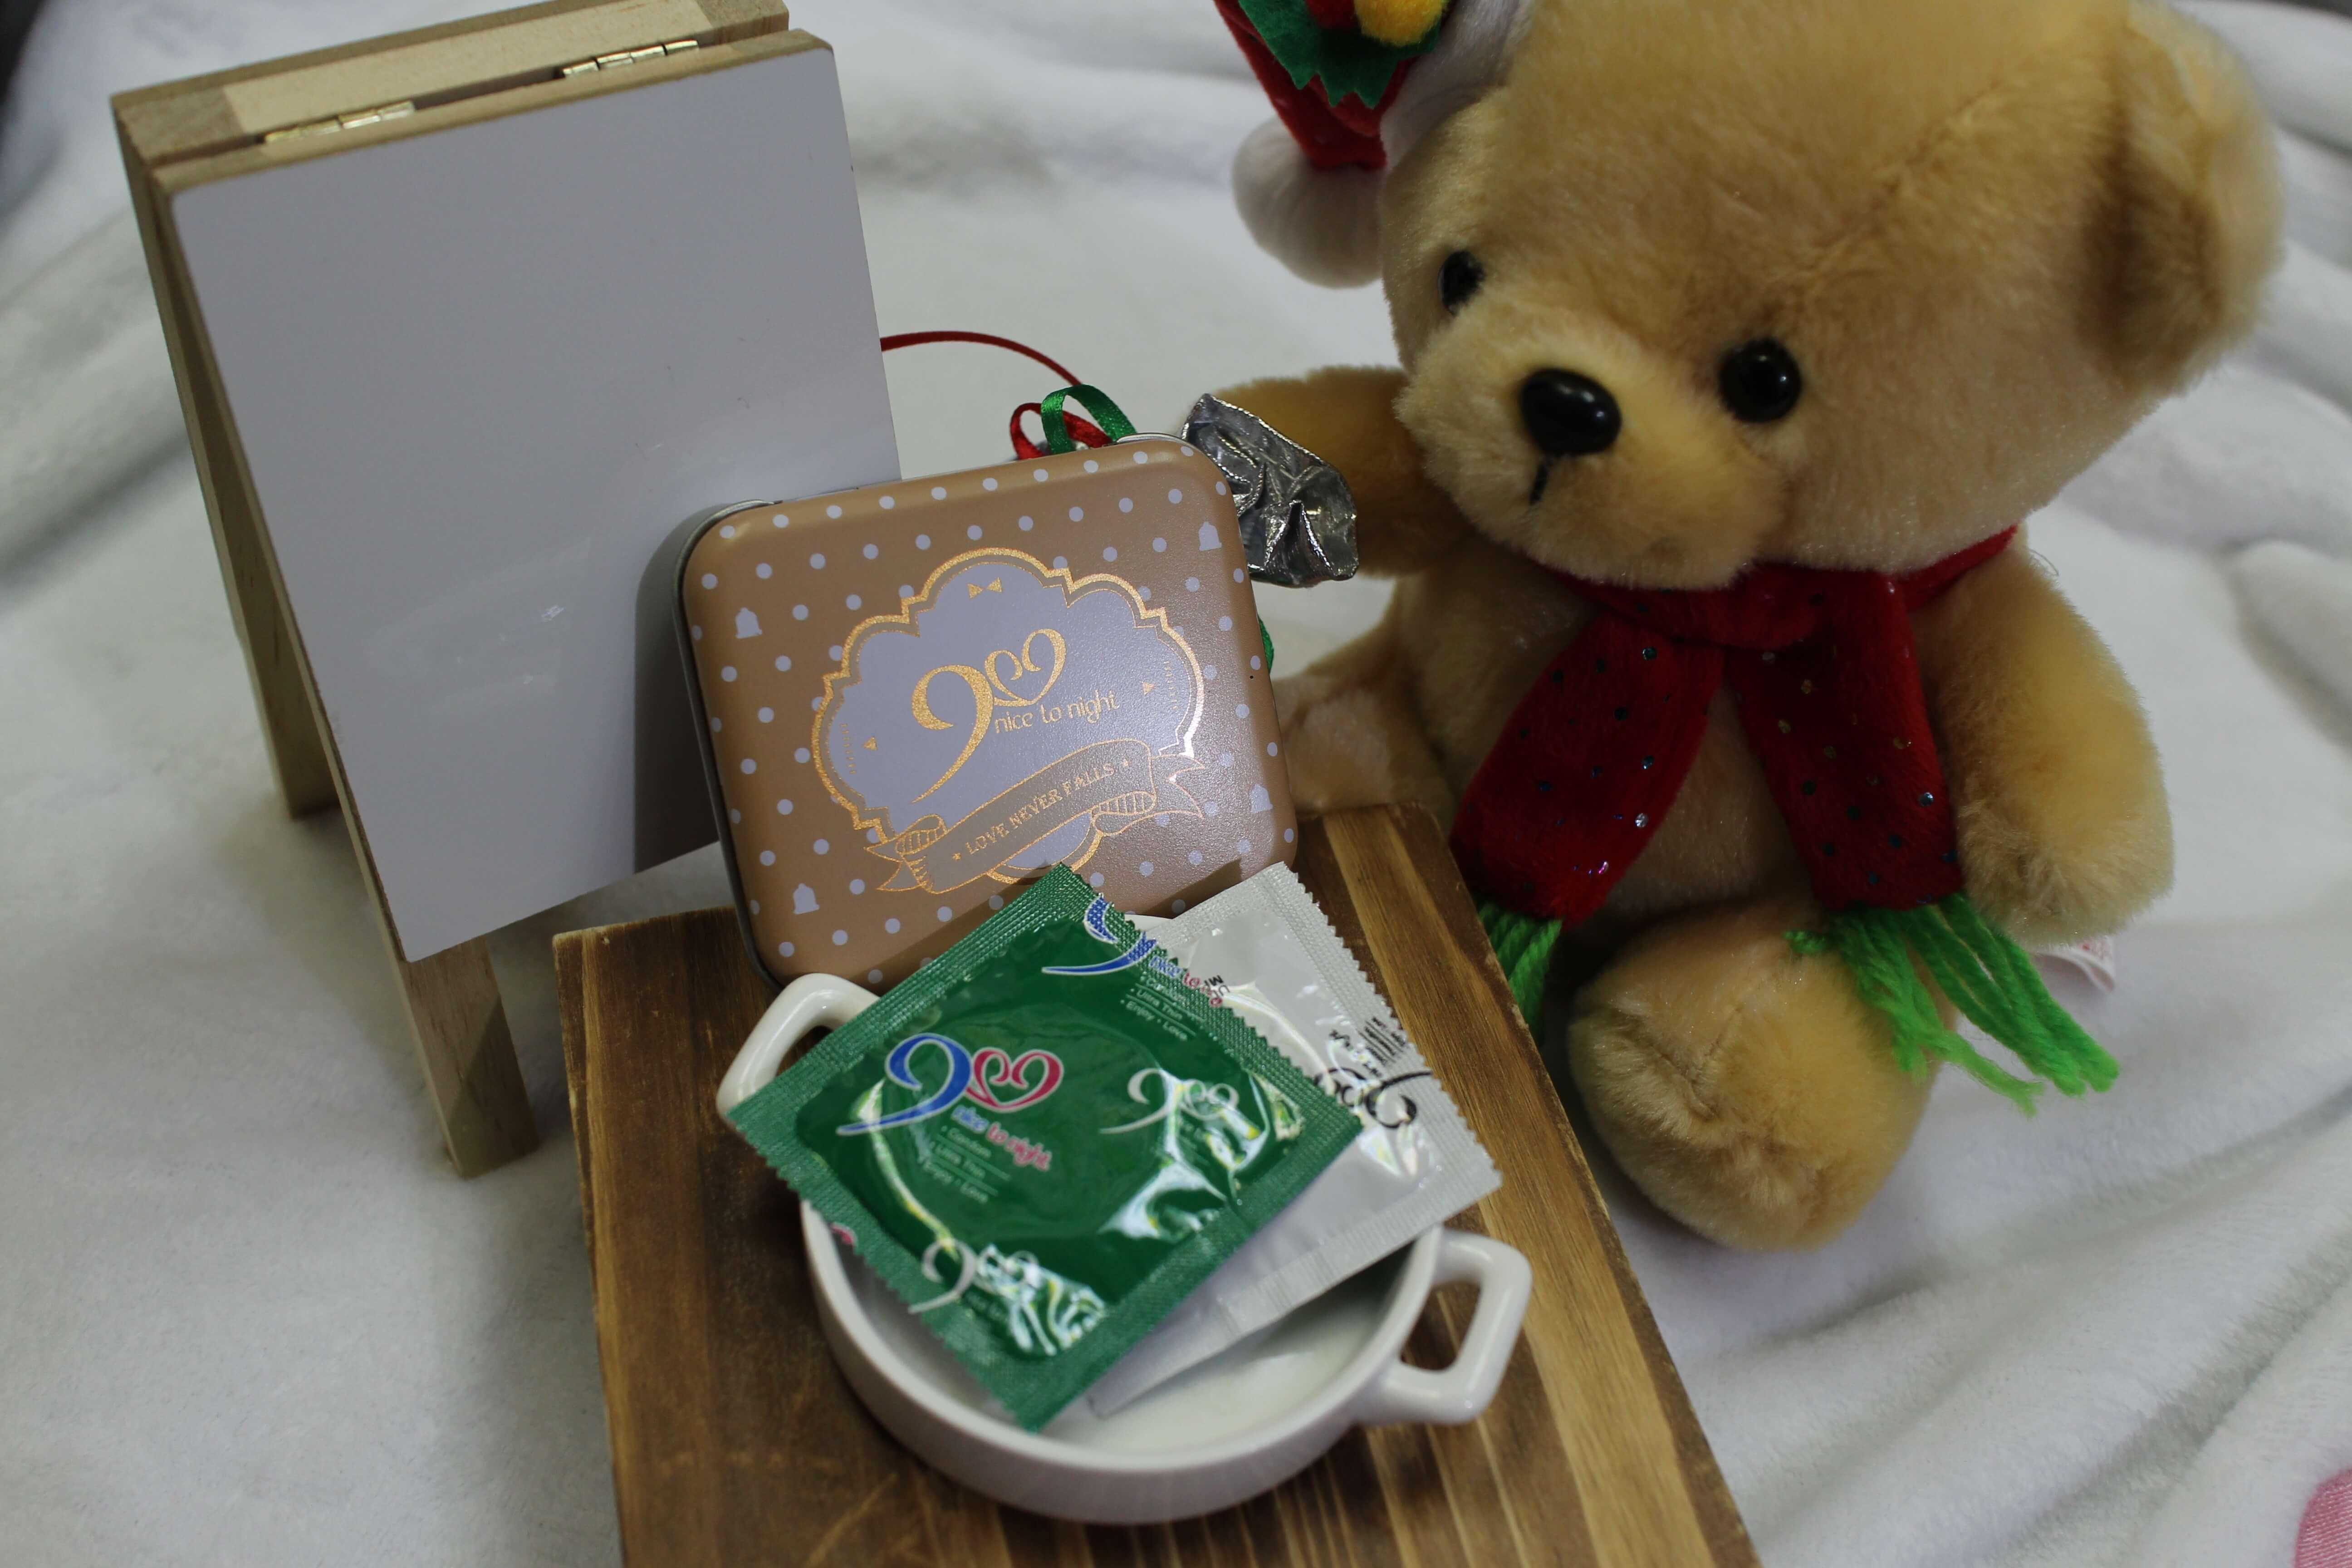 【929葛洛力】可愛小鐵盒包裝,超潤薄型保險套(18未滿請勿點閱) @秤瓶樂遊遊